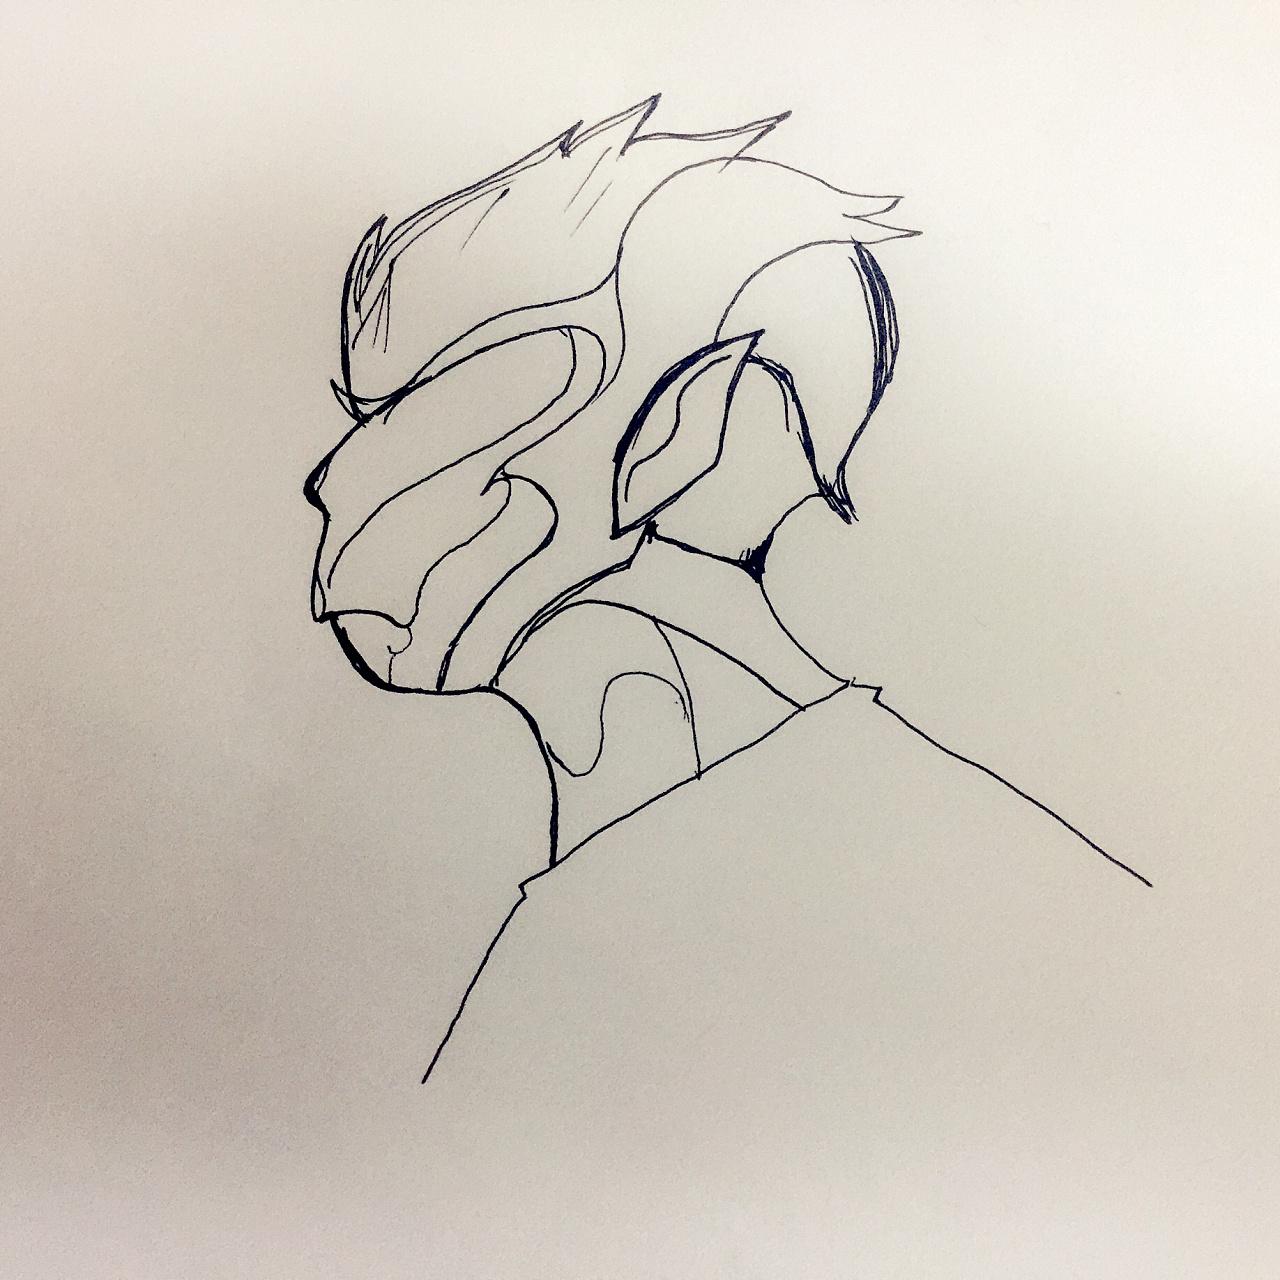 练习手绘基础,学习电脑转换,笔触粗糙,仍需